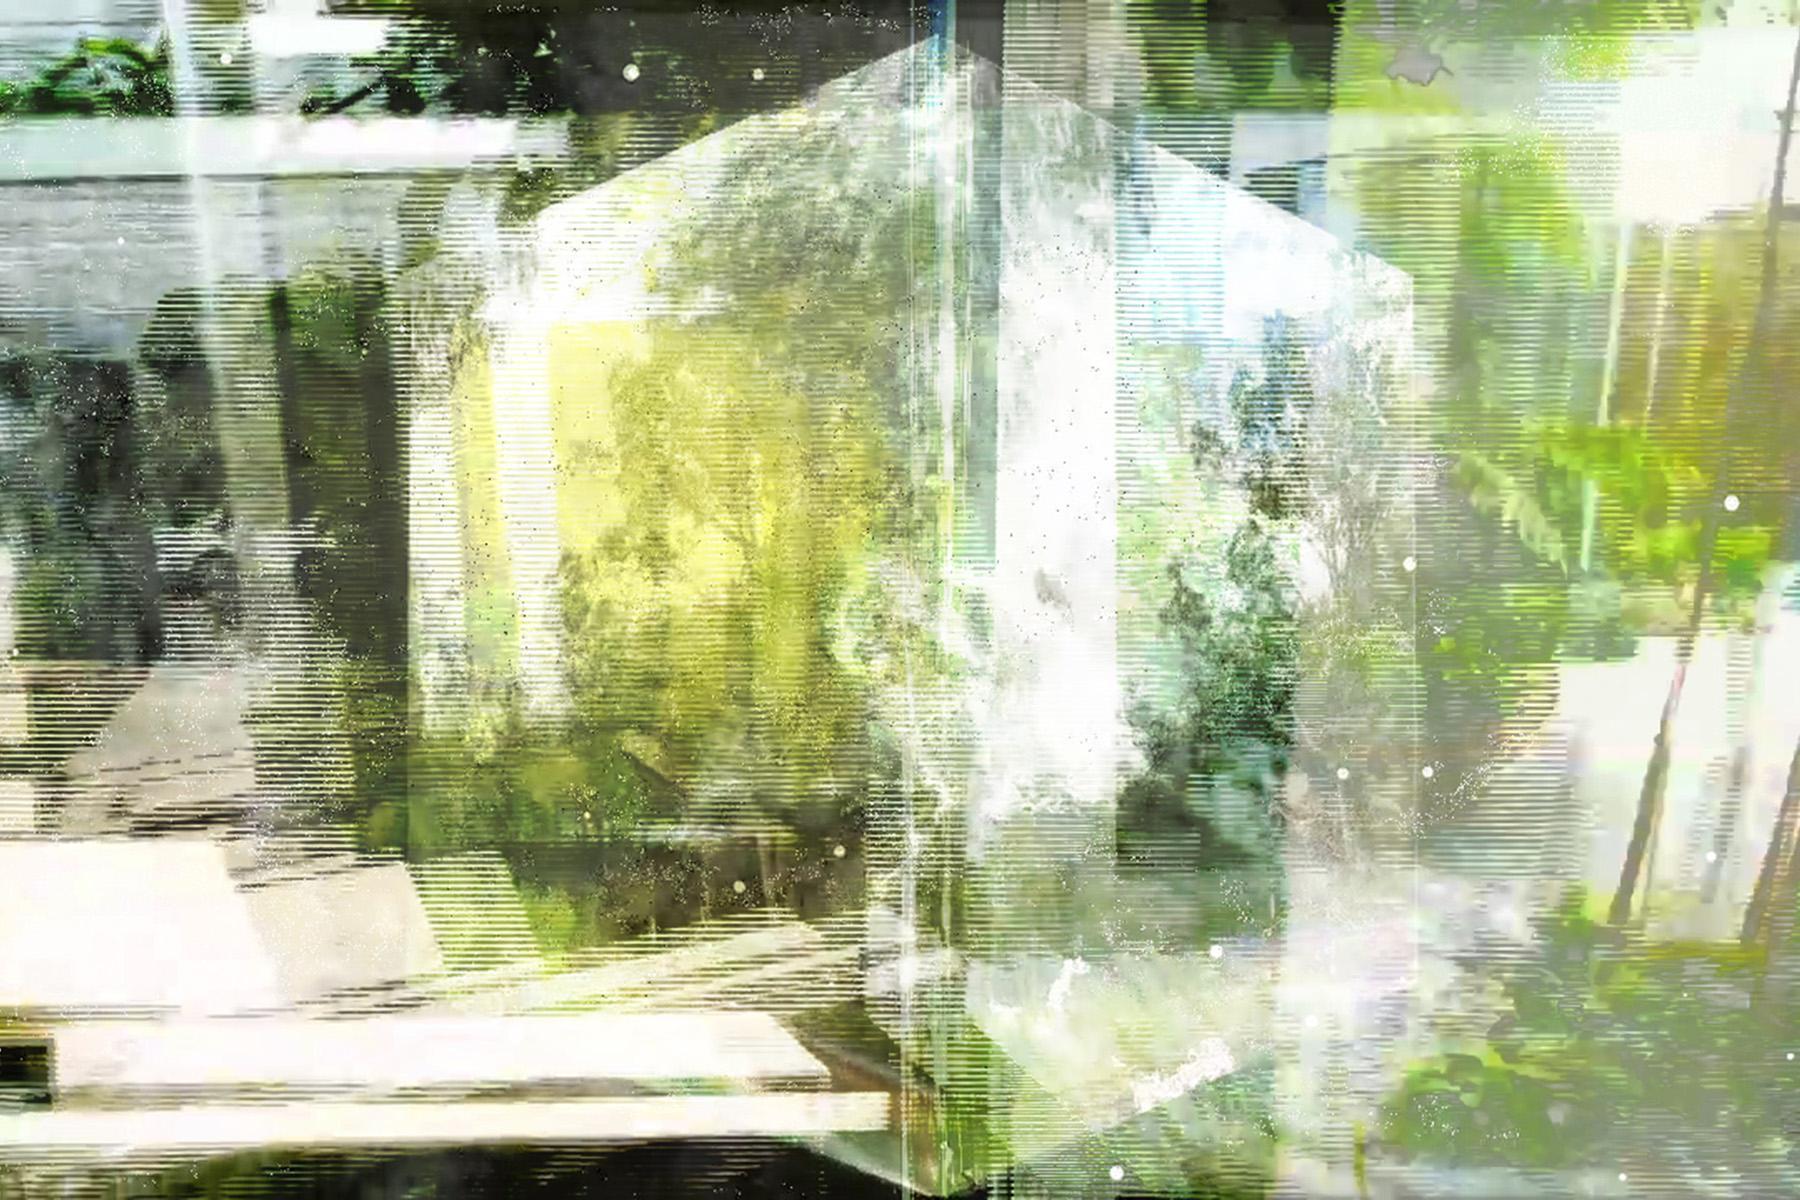 03inner_landcape_4x6_300dpi-small.jpg